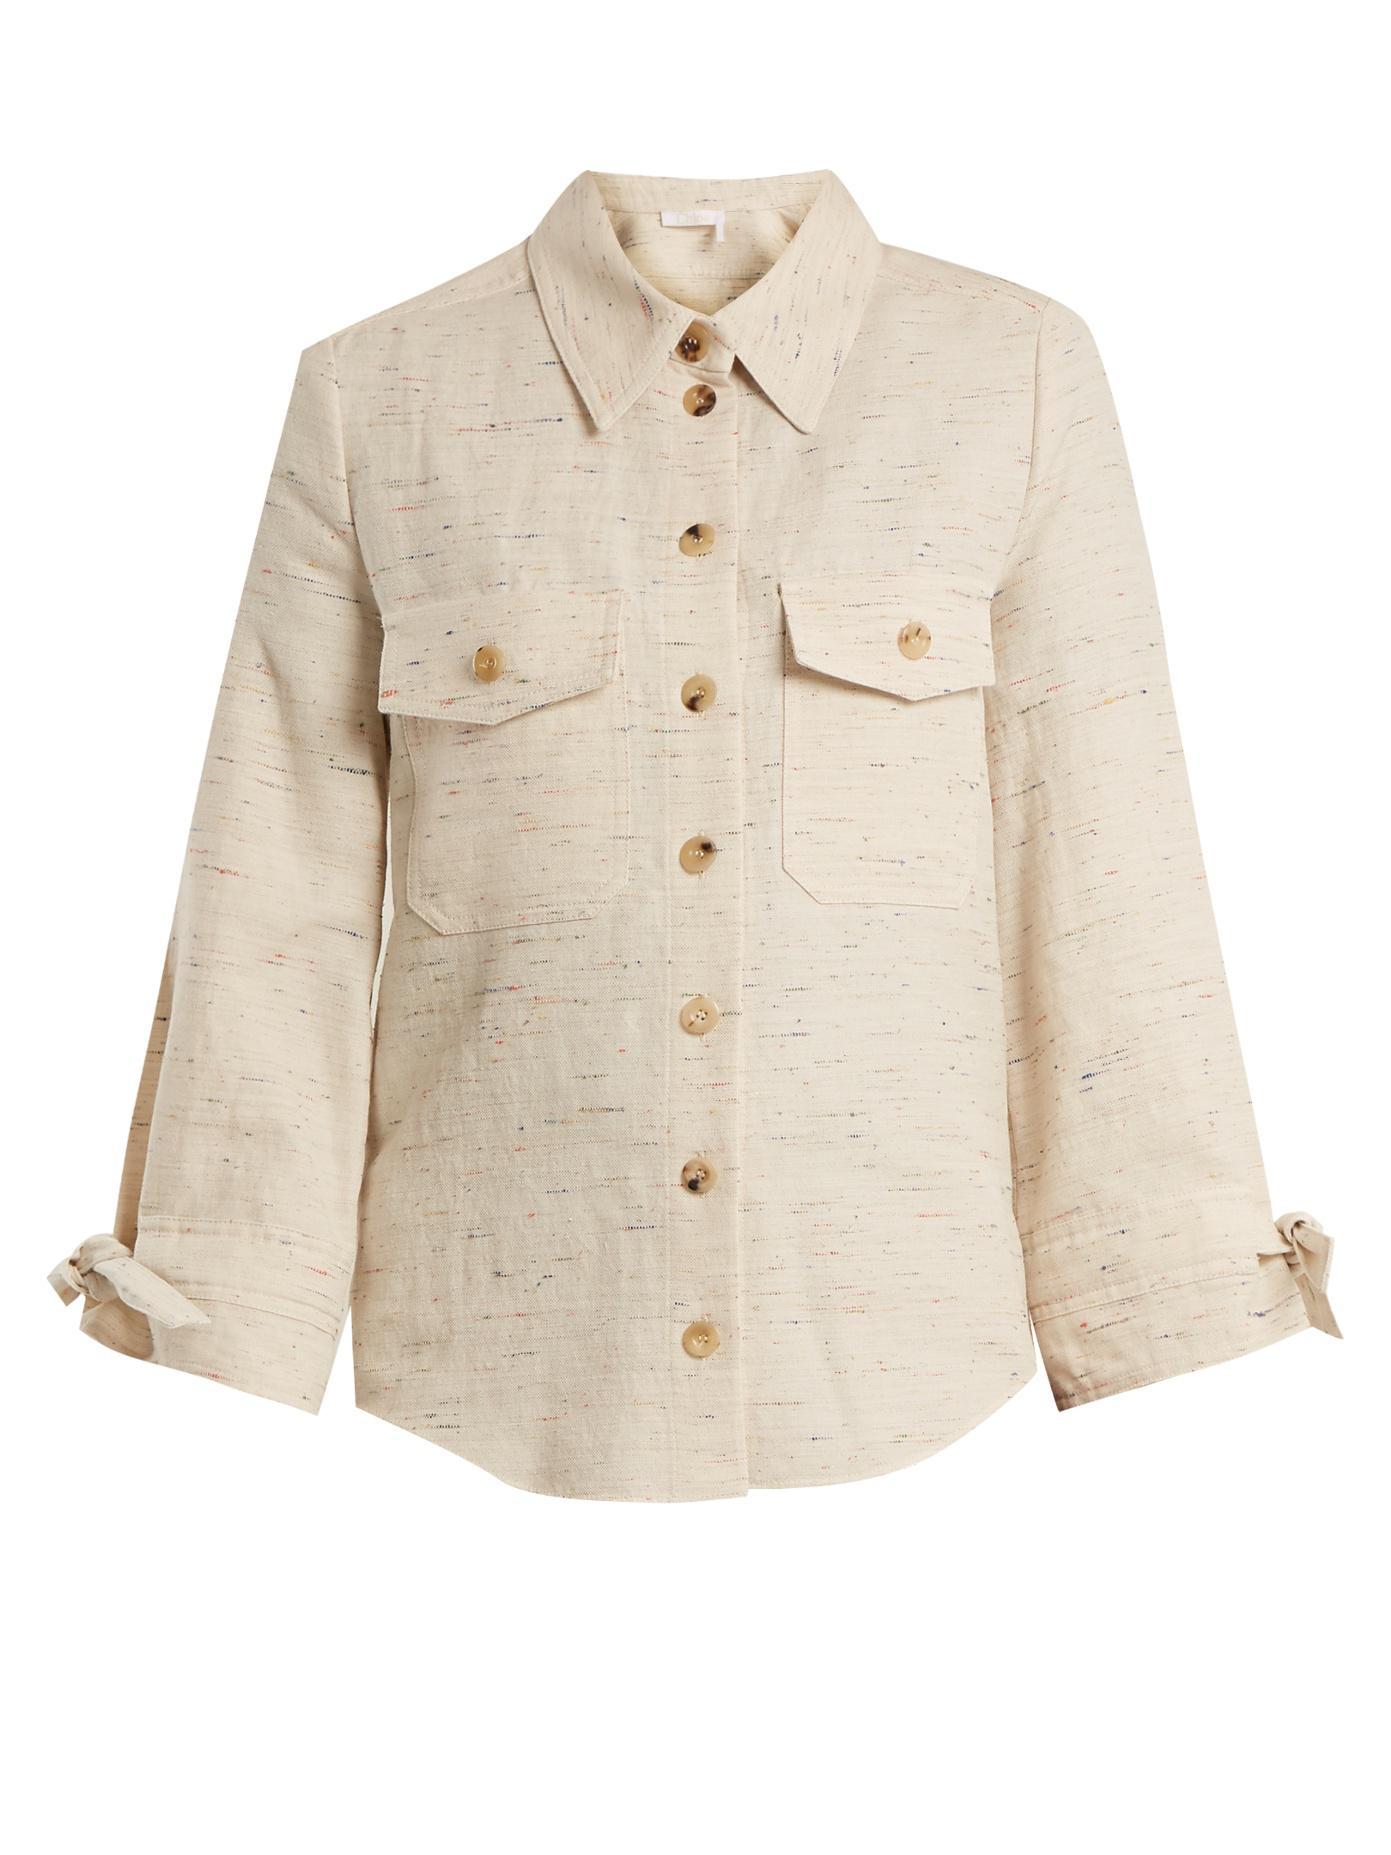 Flecked cotton-blend shirt Chloé Discount Best Seller 7FUqXK5md7